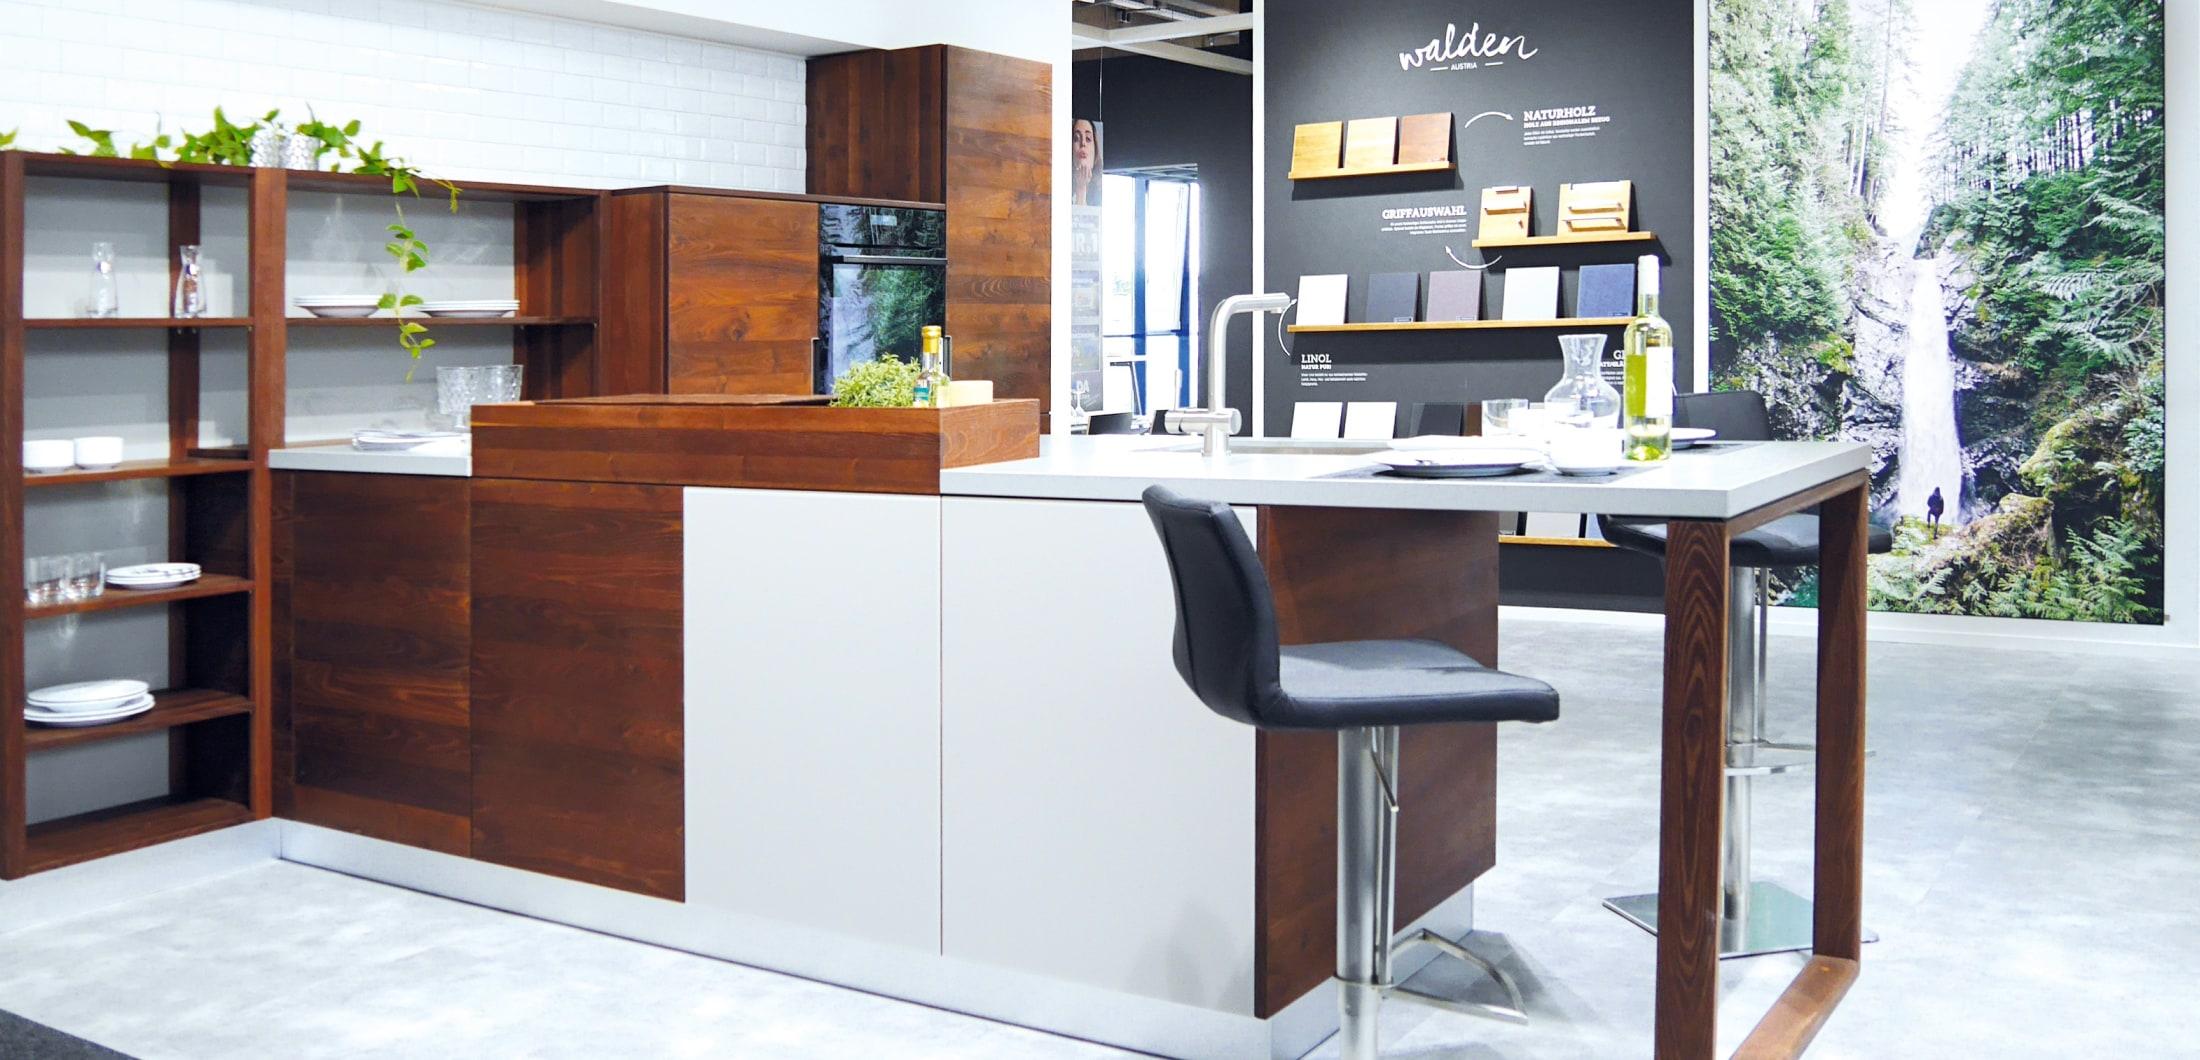 moderne L-küche mit weißer Verkleidung